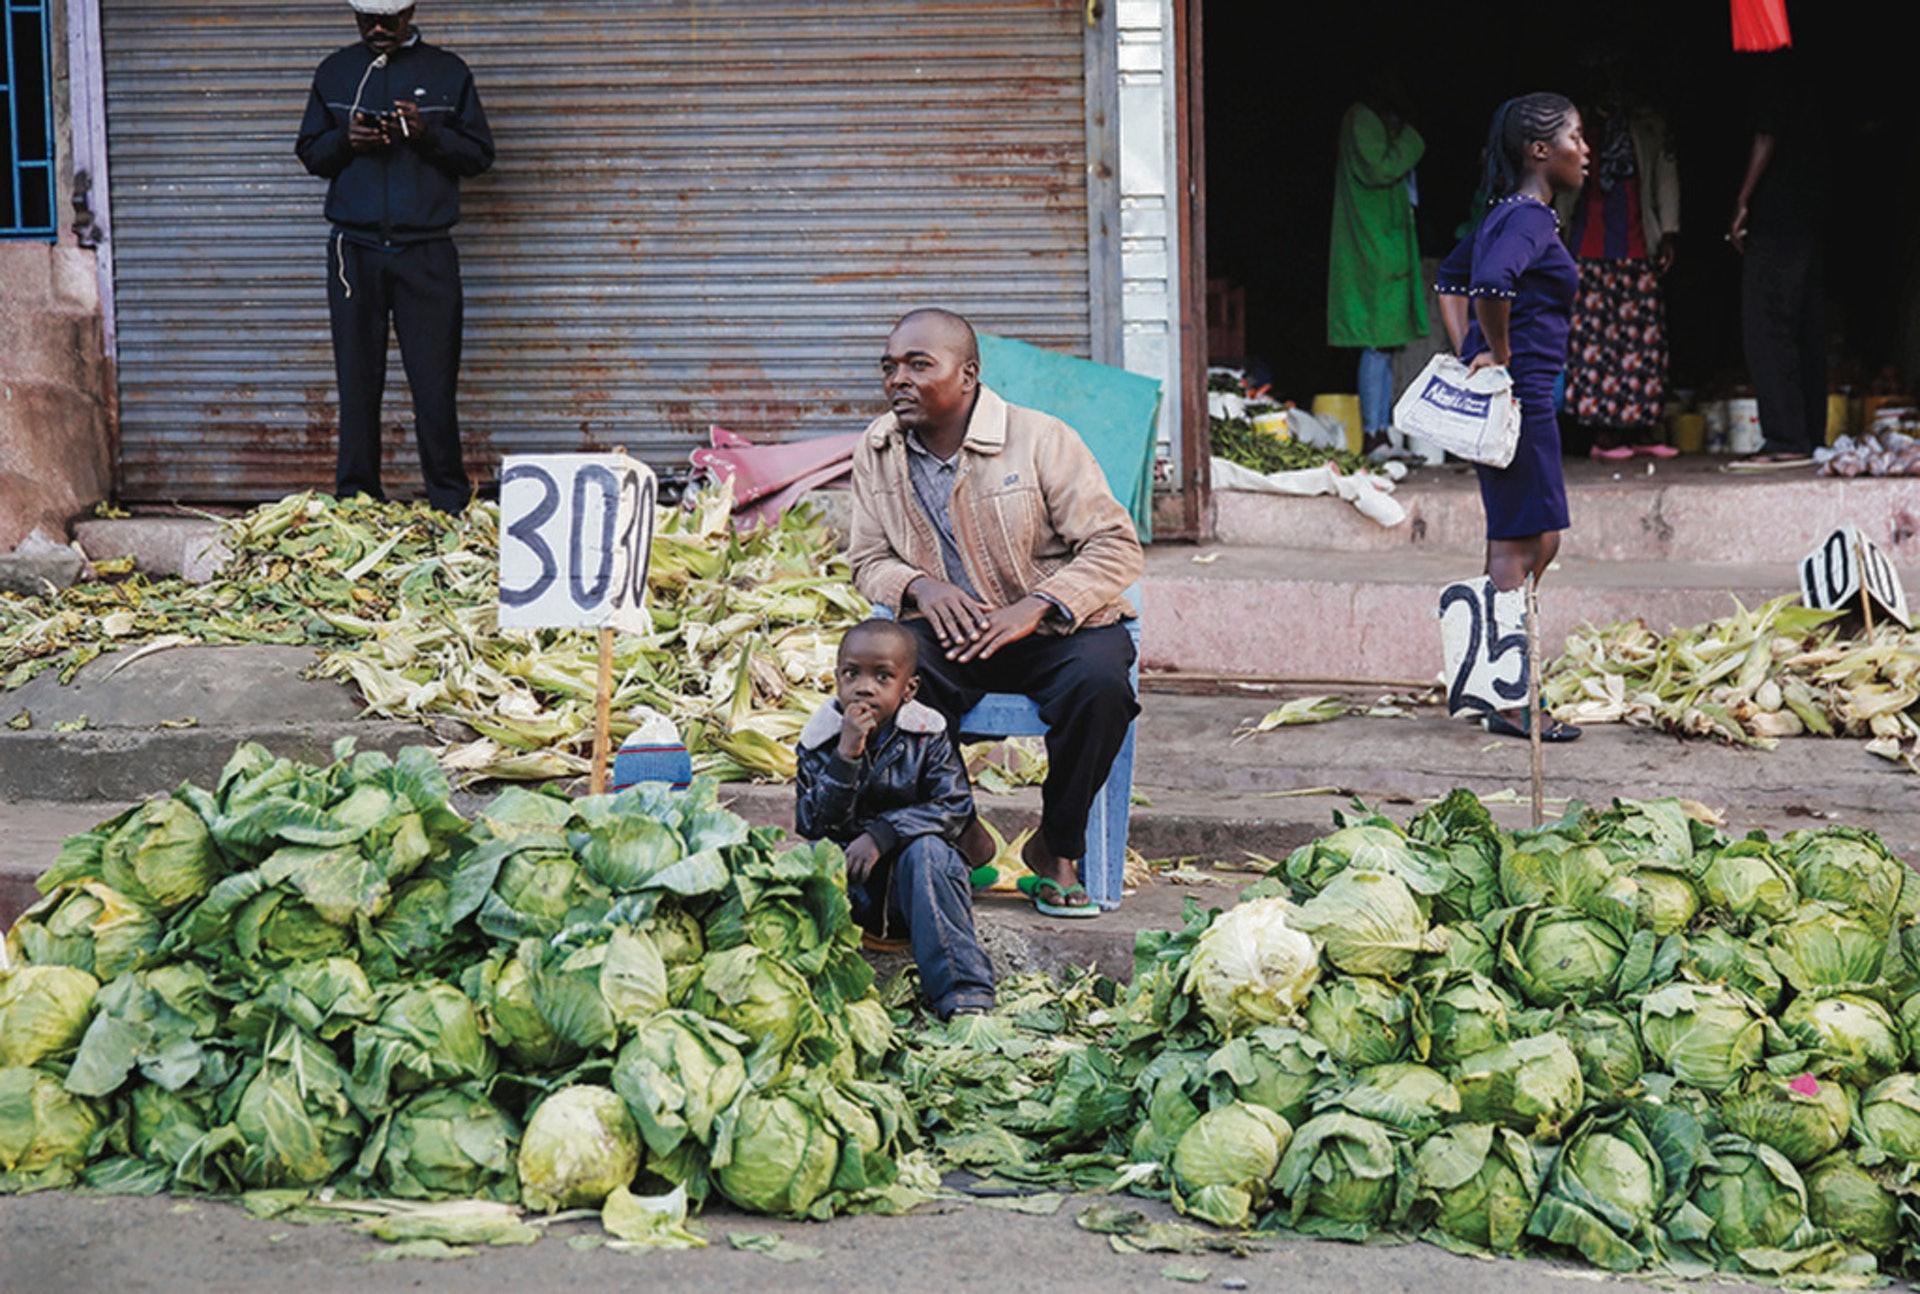 在肯尼亞首都內羅畢,農貿市場因疫情關閉,商人唯有把蔬菜放在路邊售賣。(美聯社)